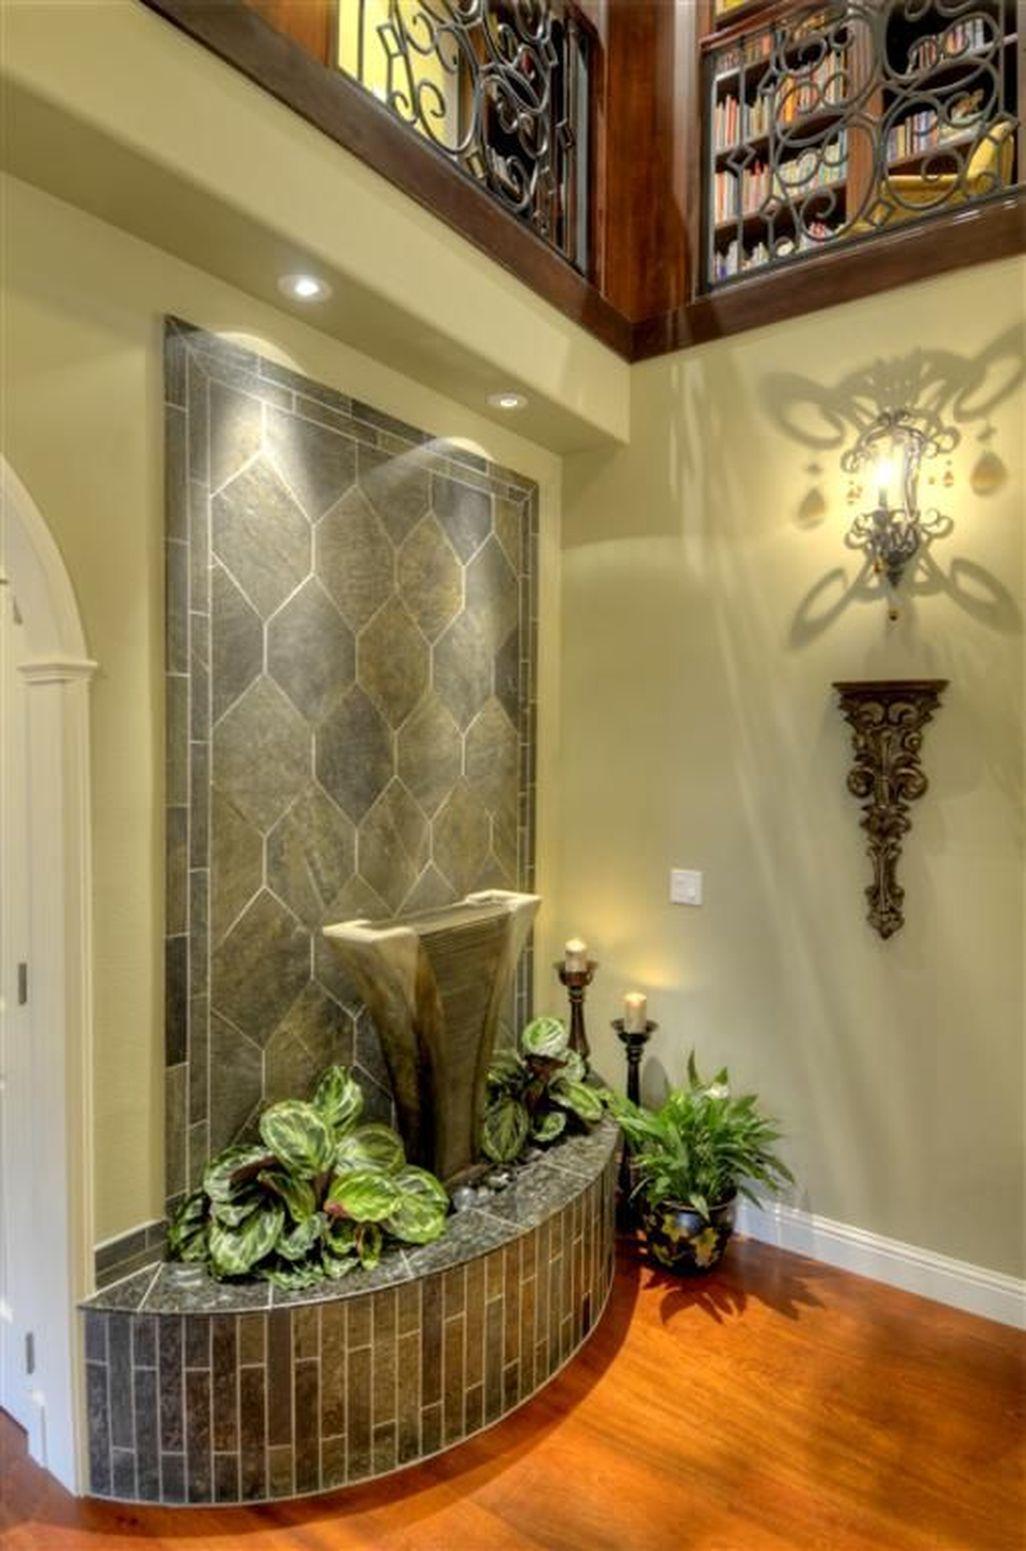 40 Amazing Indoor Wall Waterfall Designs Ideas House Indoor Wall